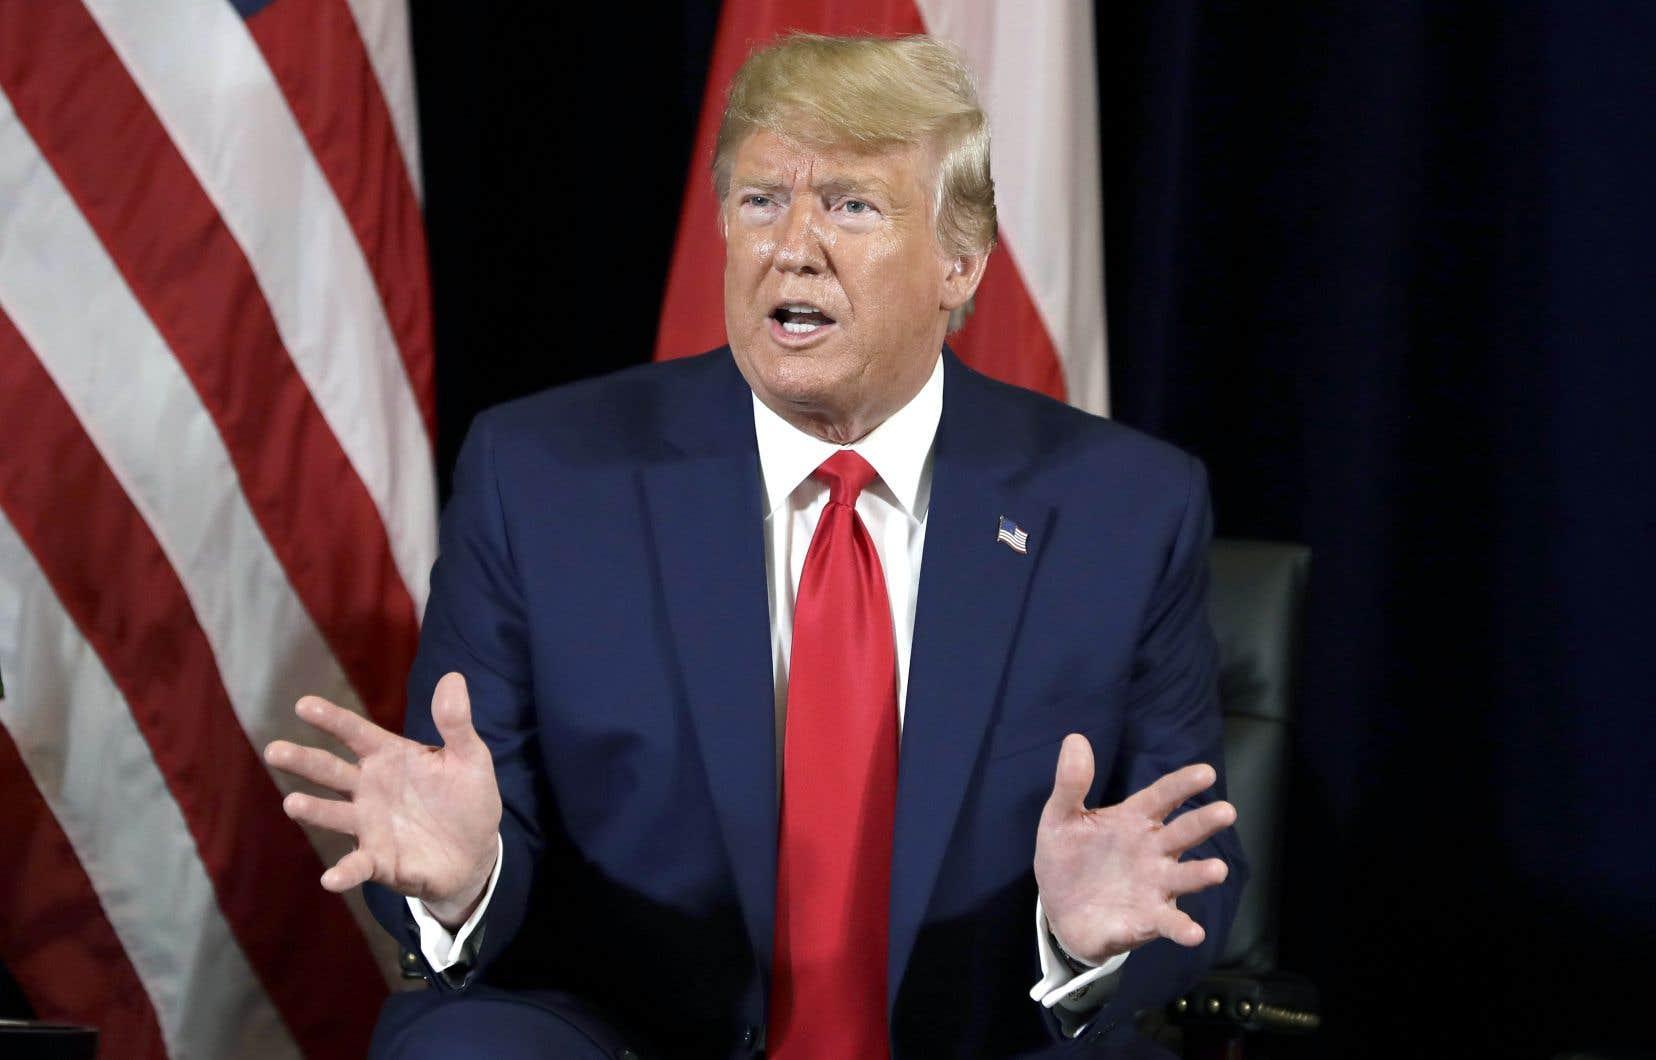 Au siège de l'ONU à New York, où il était de passage pour l'ouverture du Sommet Action Climat 2019, le présidentTrump a dit trouver normal de se préoccuper de la corruption dans un pays auquel les États-Unis offrent de l'aide économique et militaire.